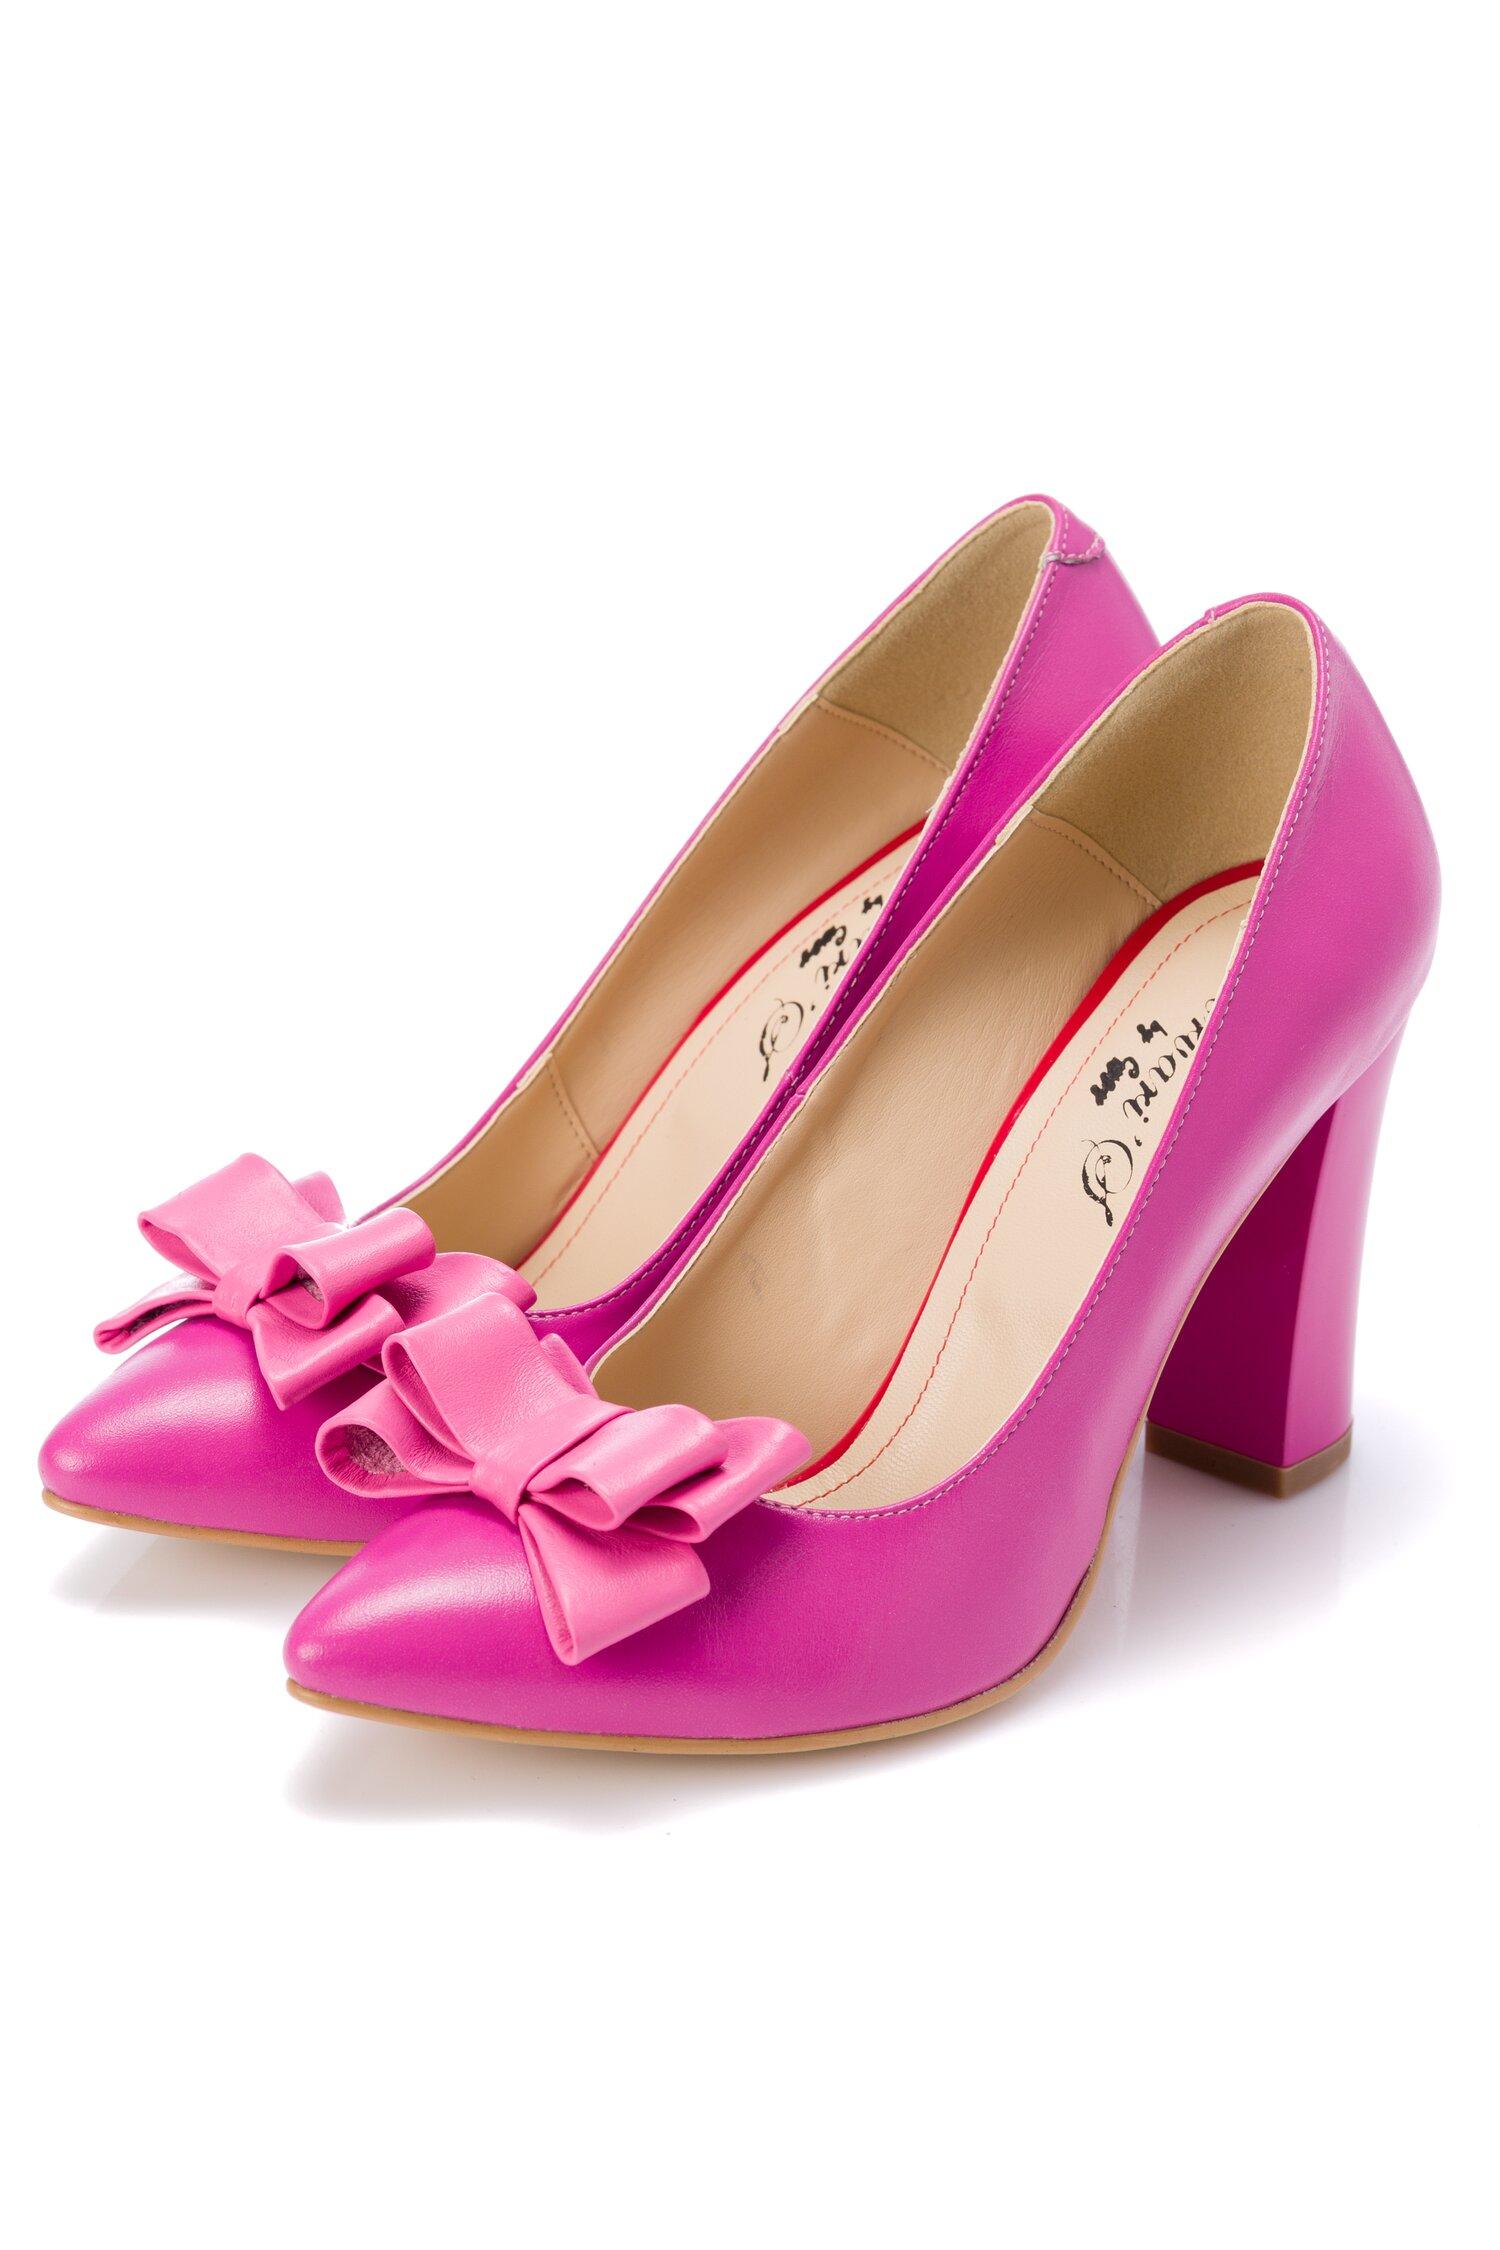 Pantofi fucsia din piele cu fundita roz pe varf cu frunze imprimate